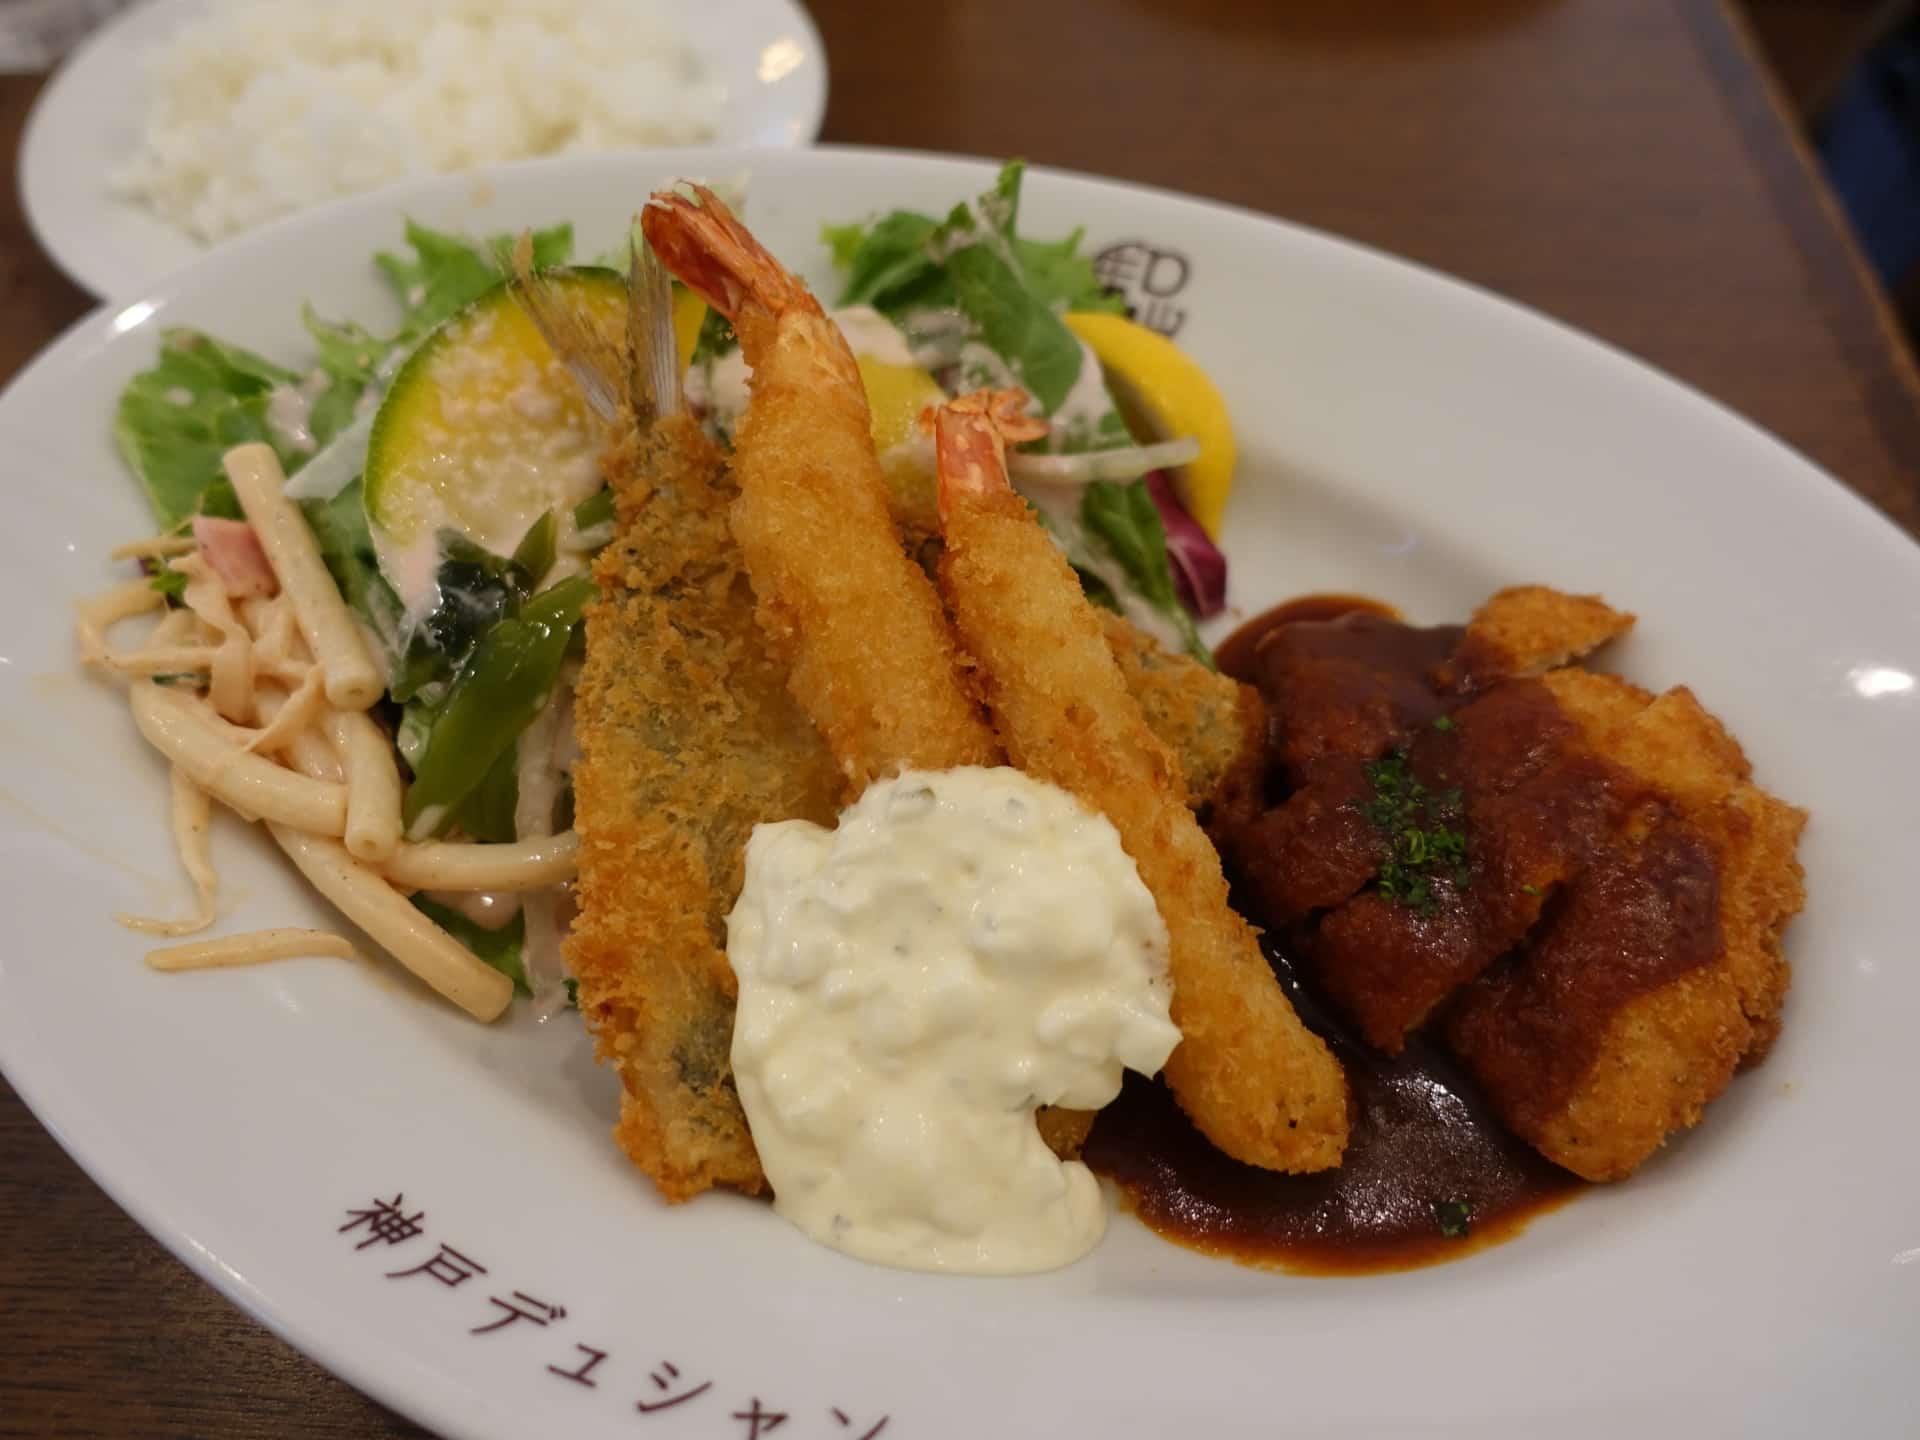 神戸デュシャン − ハンバーグやオムライスなどの定番の洋食ランチ。平日限定サービスランチがお得!